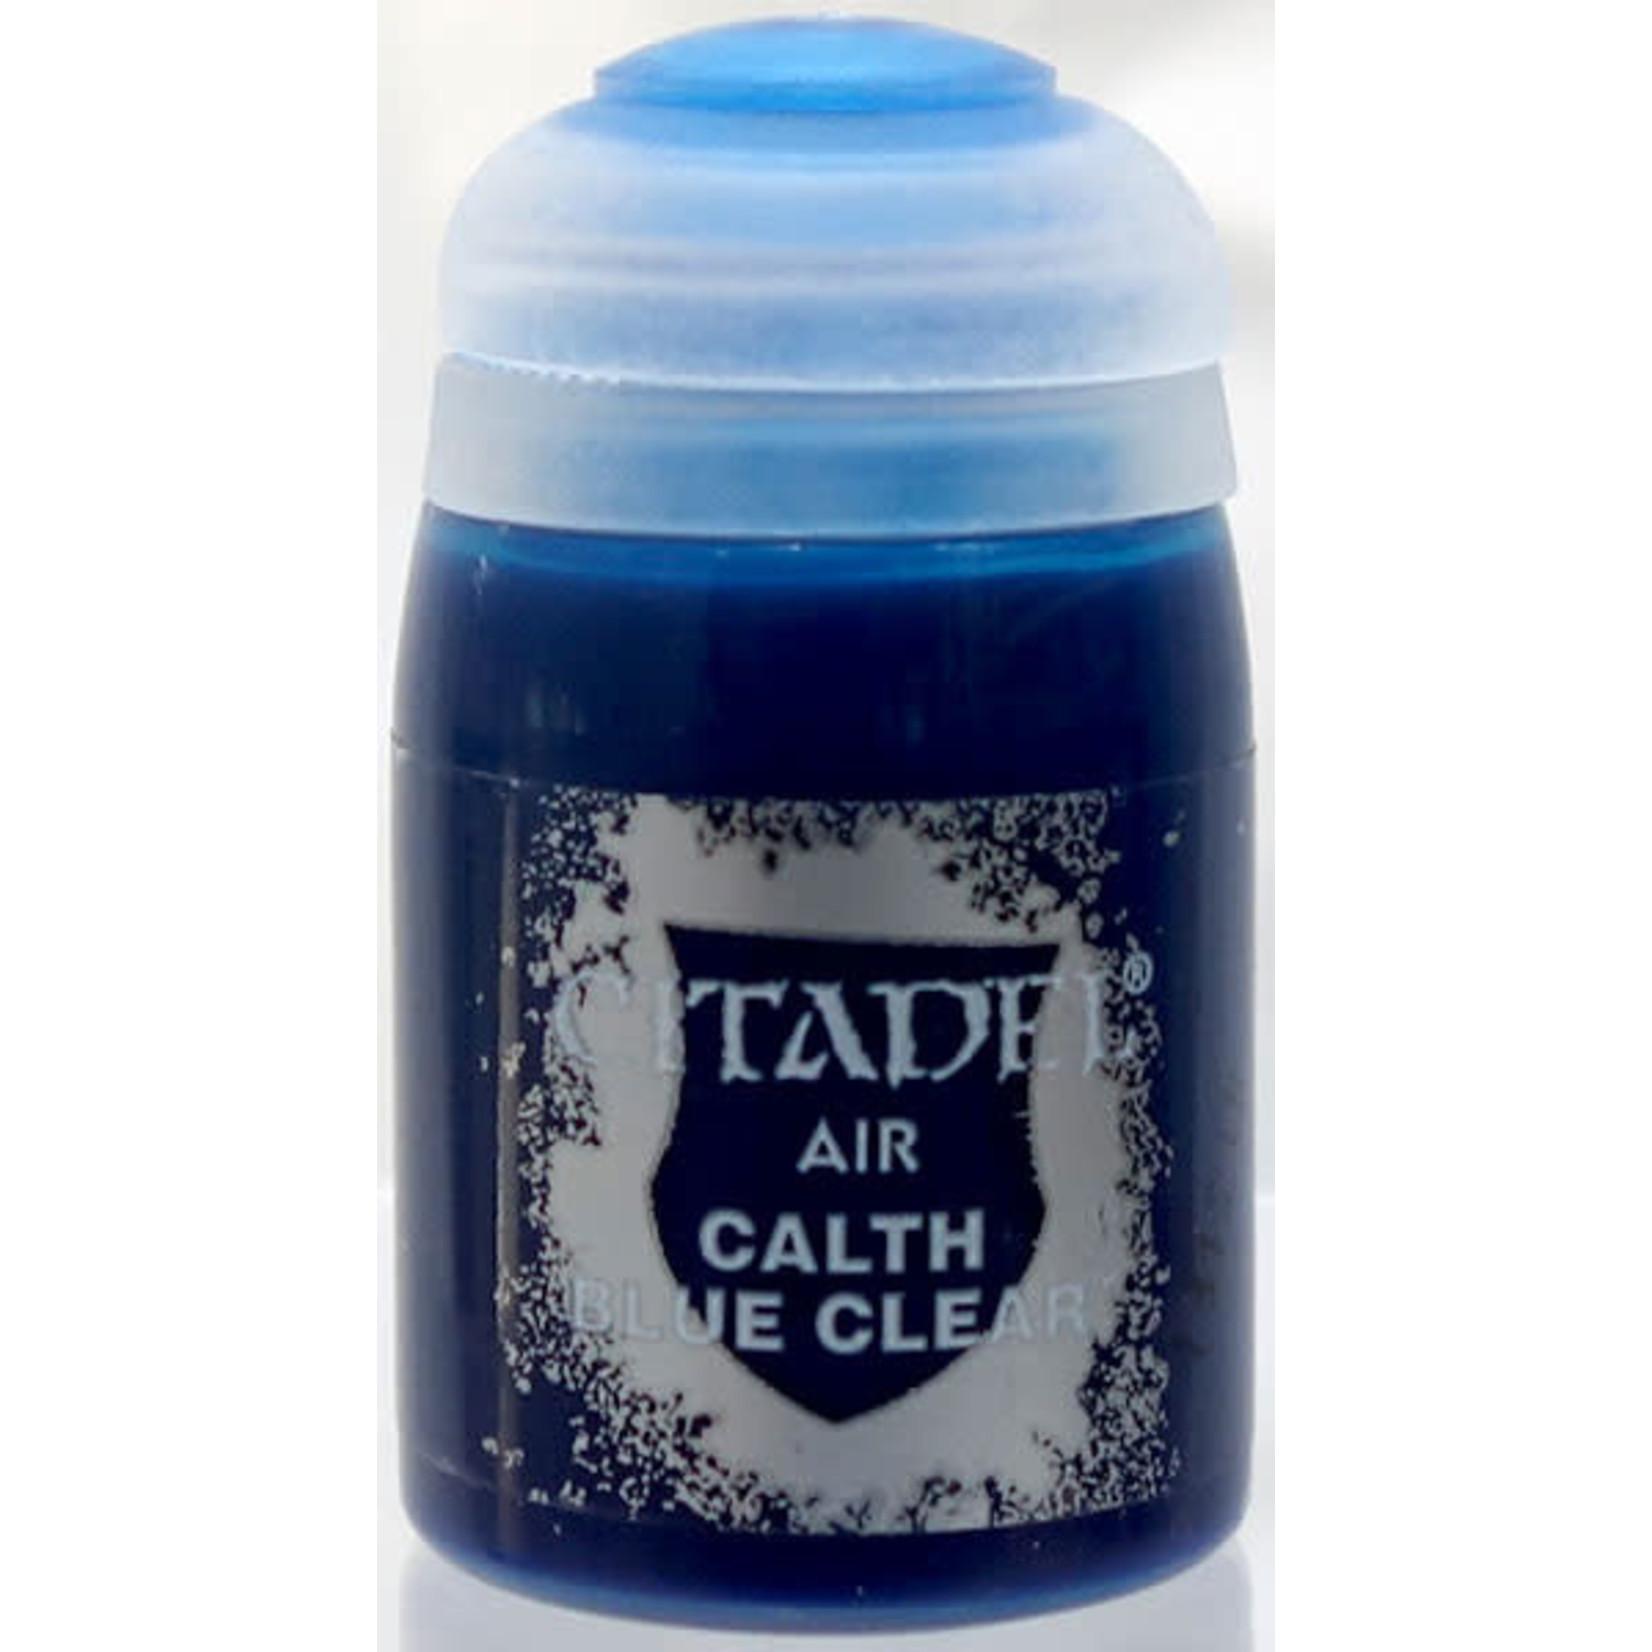 Games Workshop Citadel Paint: Calth Blue Clear Air (24 ml)